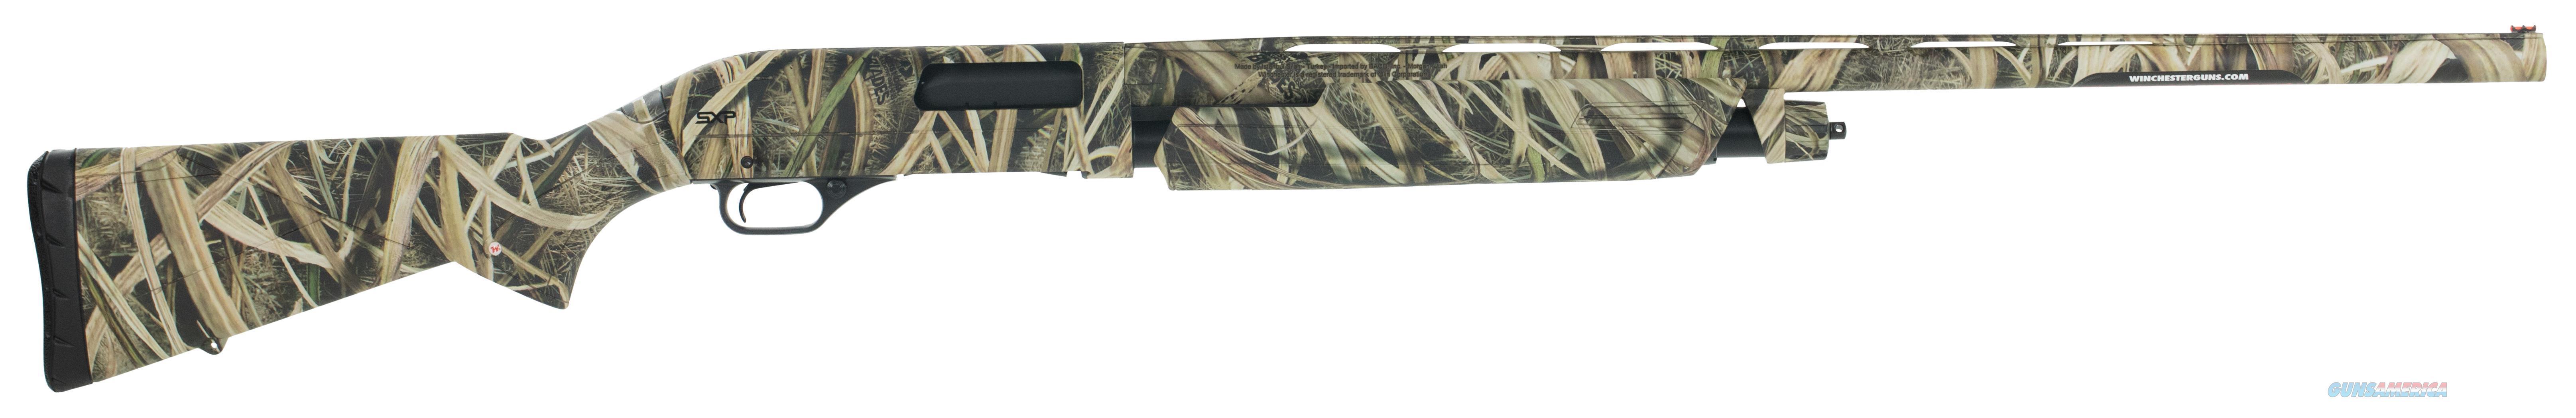 """Winchester Guns 512270292 Sxp Waterfowl Pump 12 Gauge 28"""" 4+1 3.5"""" Mossy Oak Shadow Grass Blades Synthetic Stk Rcvr 512270292  Guns > Shotguns > W Misc Shotguns"""